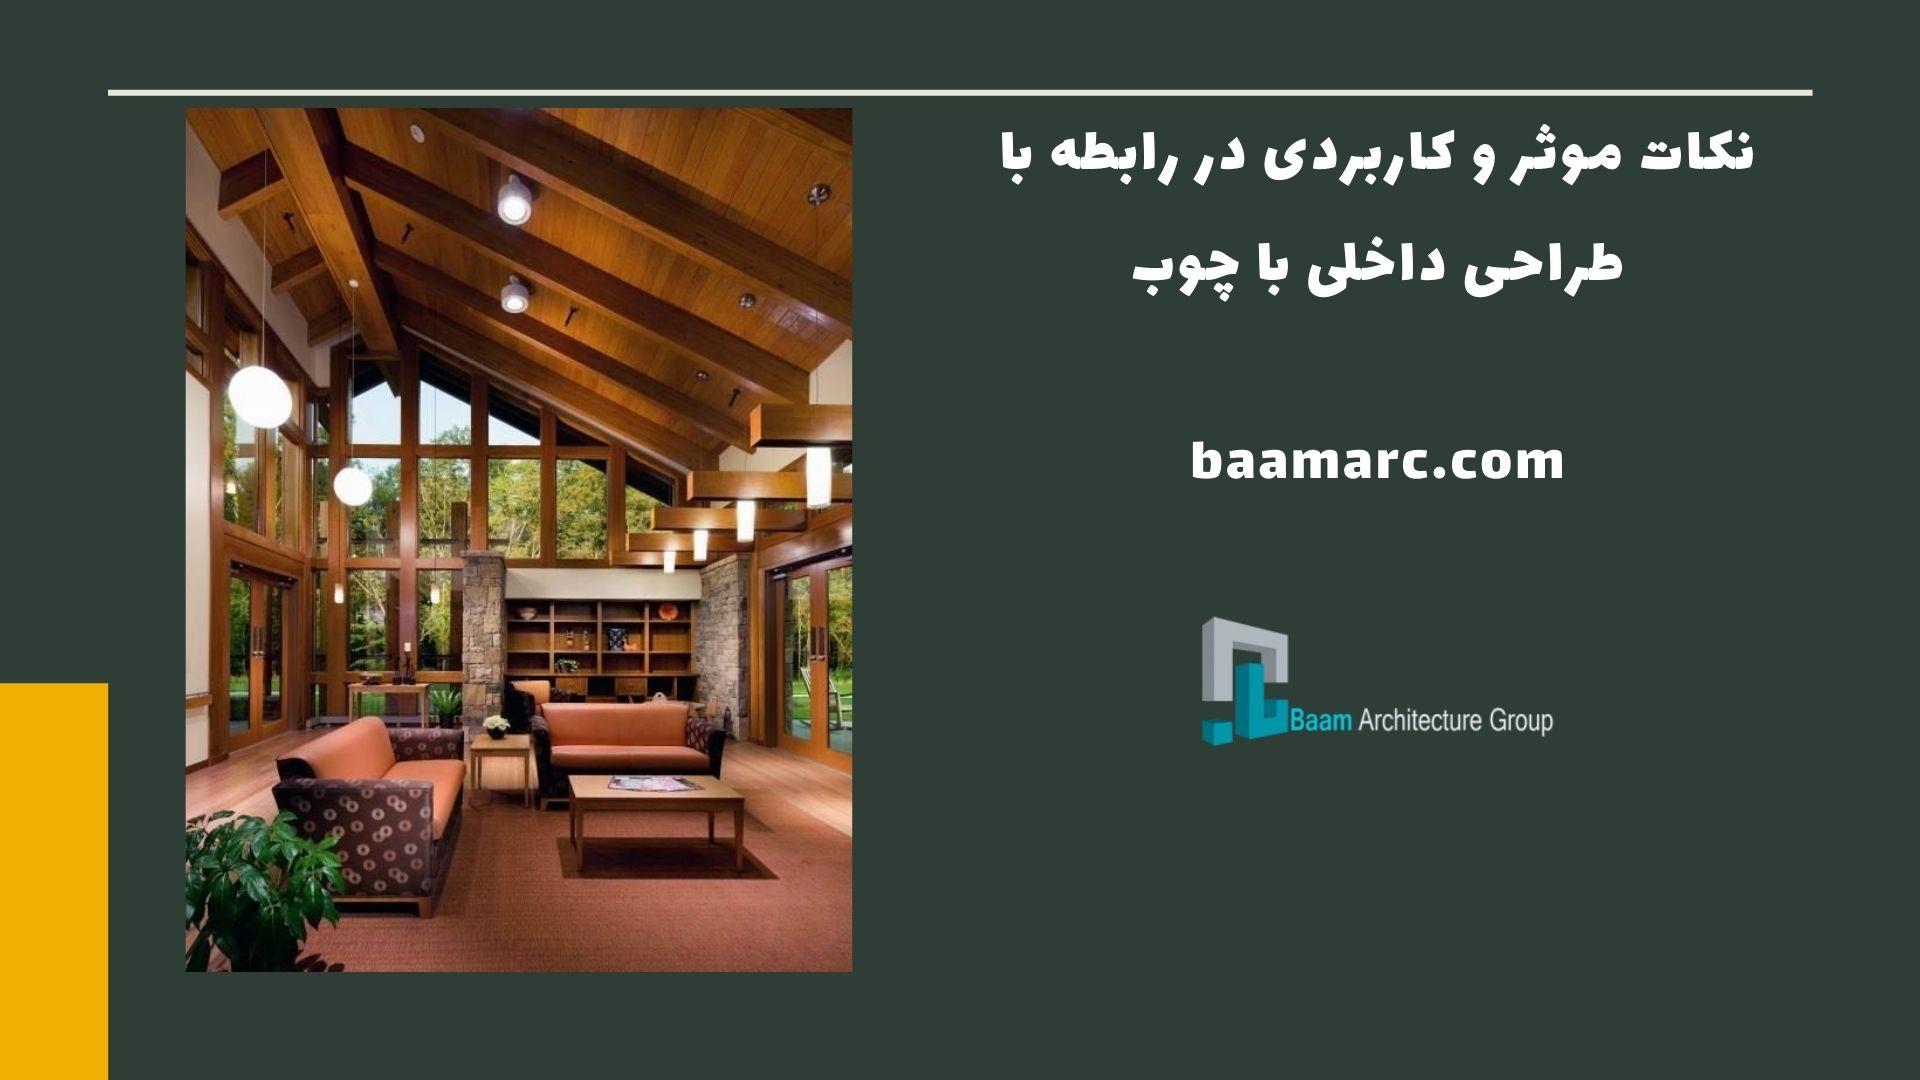 نکات موثر و کاربردی در رابطه با طراحی داخلی با چوب